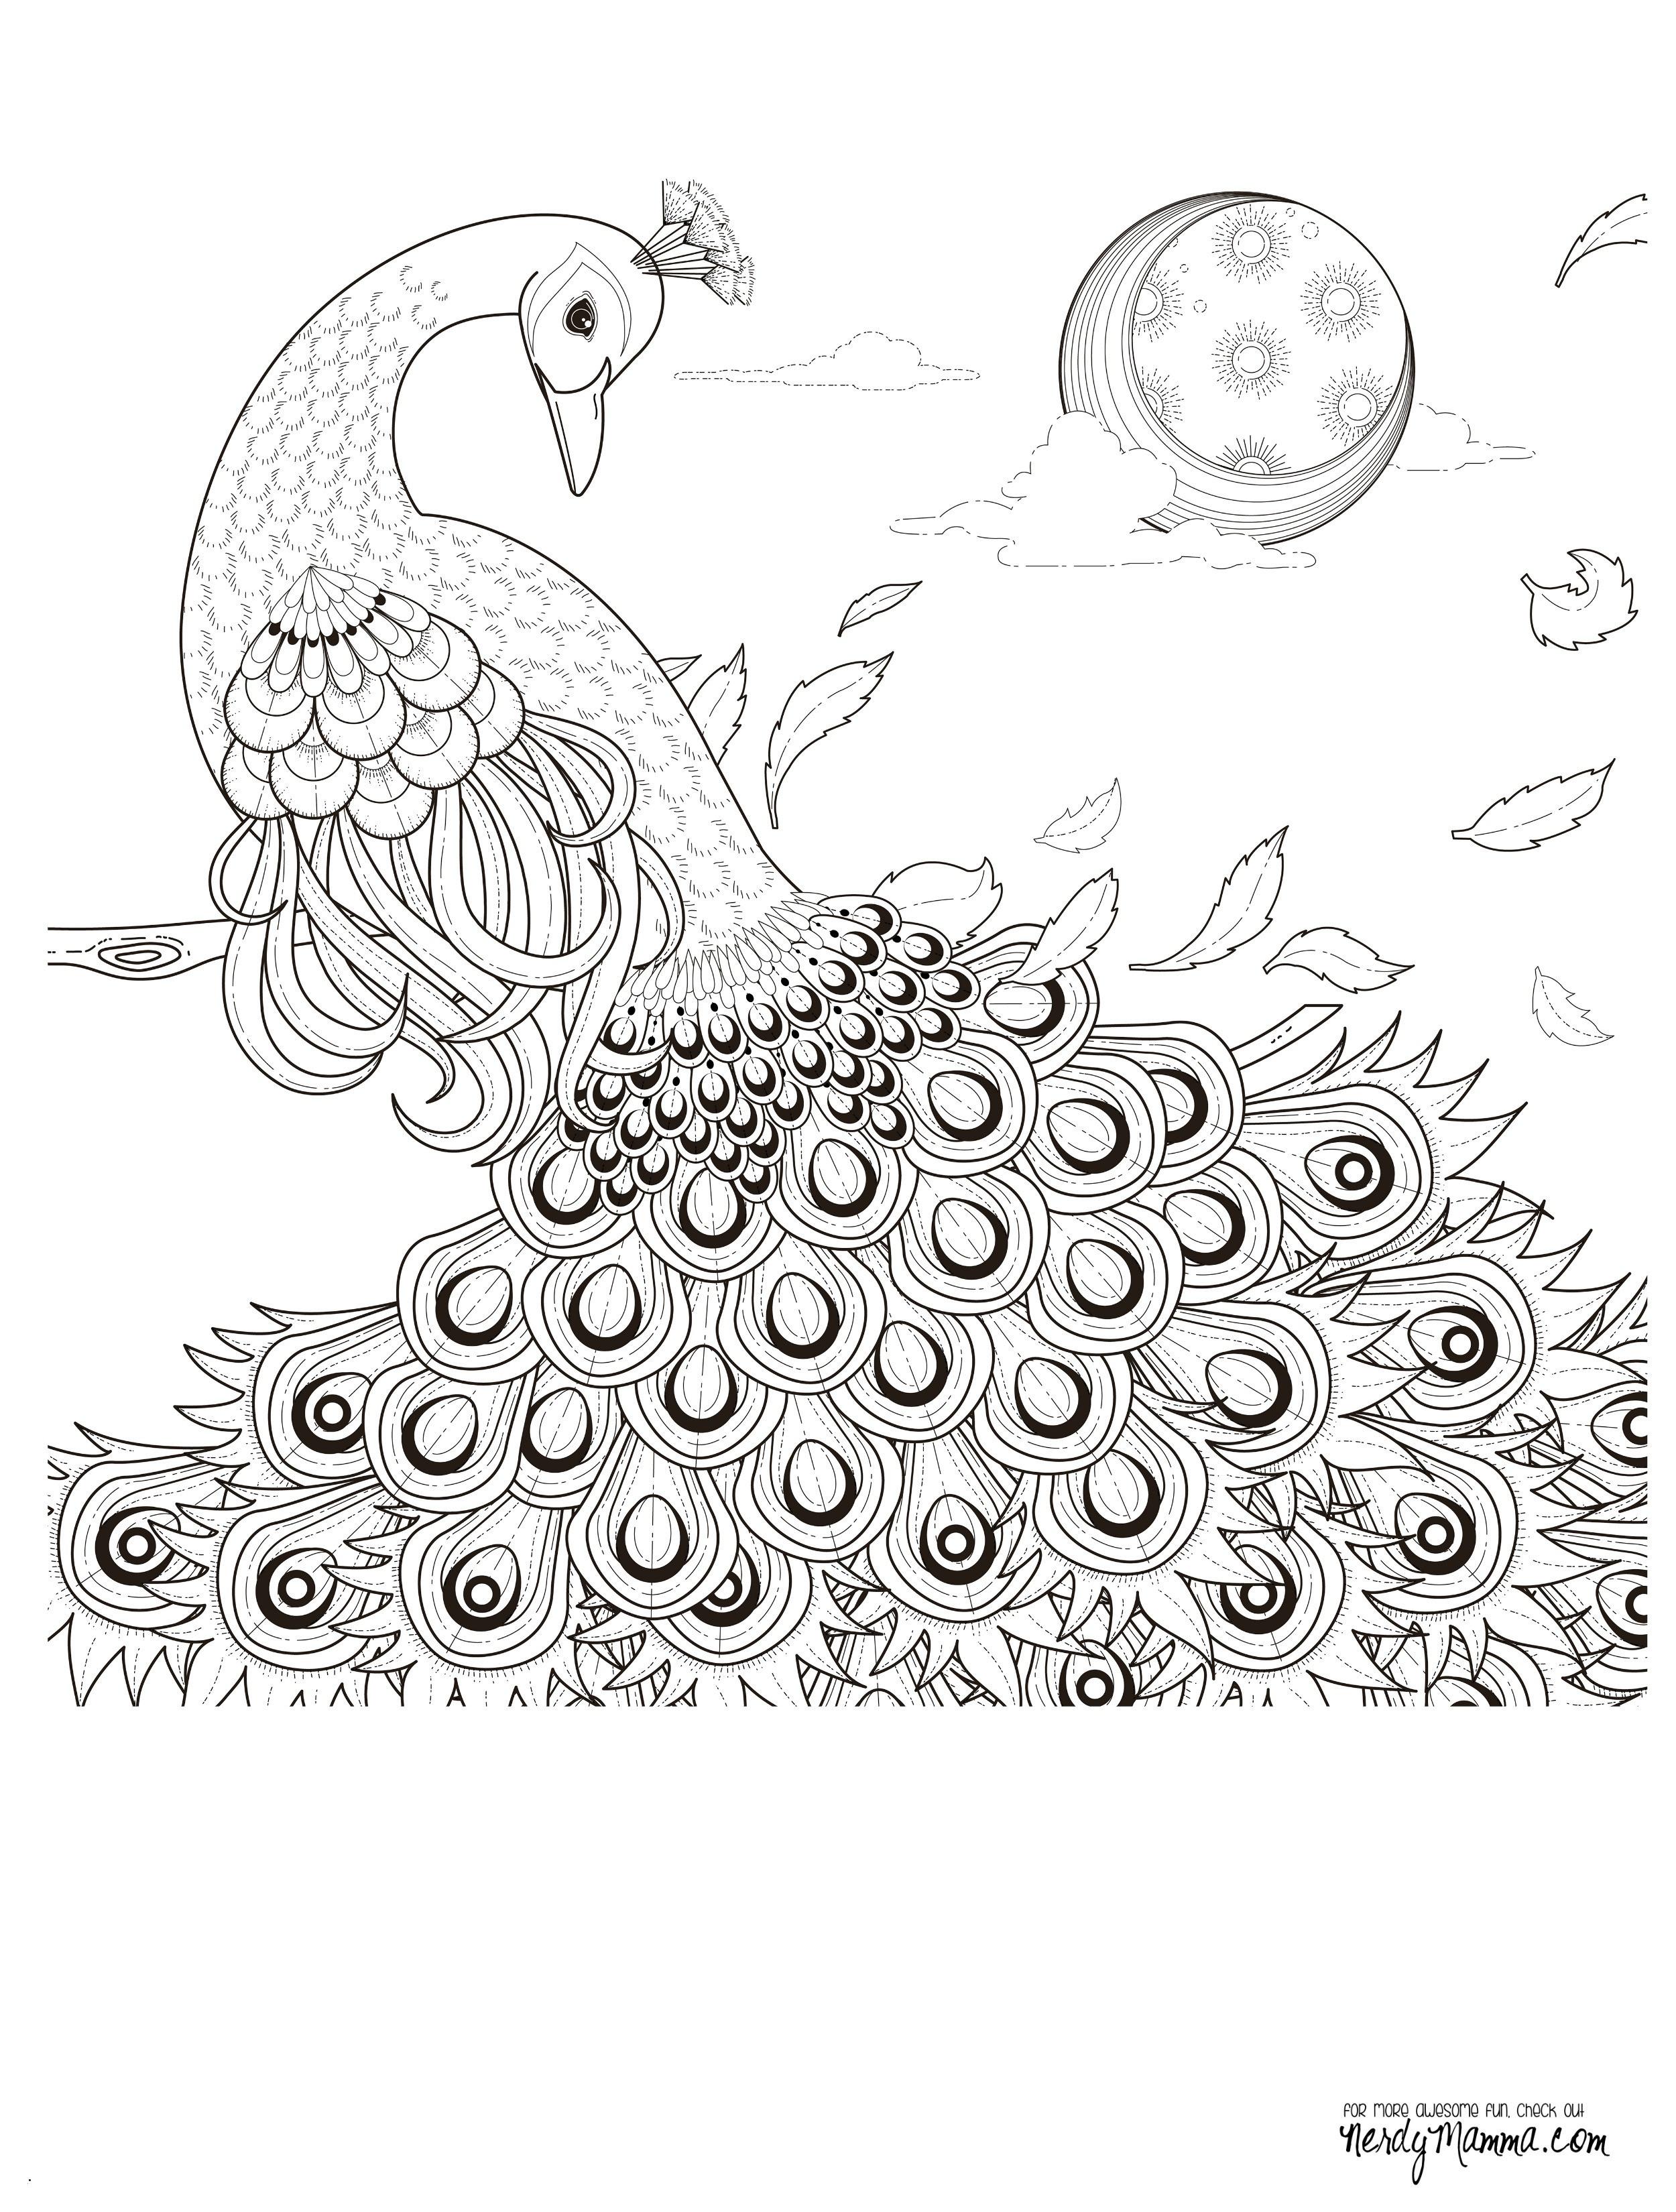 Nashorn Zum Ausmalen Inspirierend 40 Skizze Ausmalbilder Kostenlos Eulen Treehouse Nyc Bild